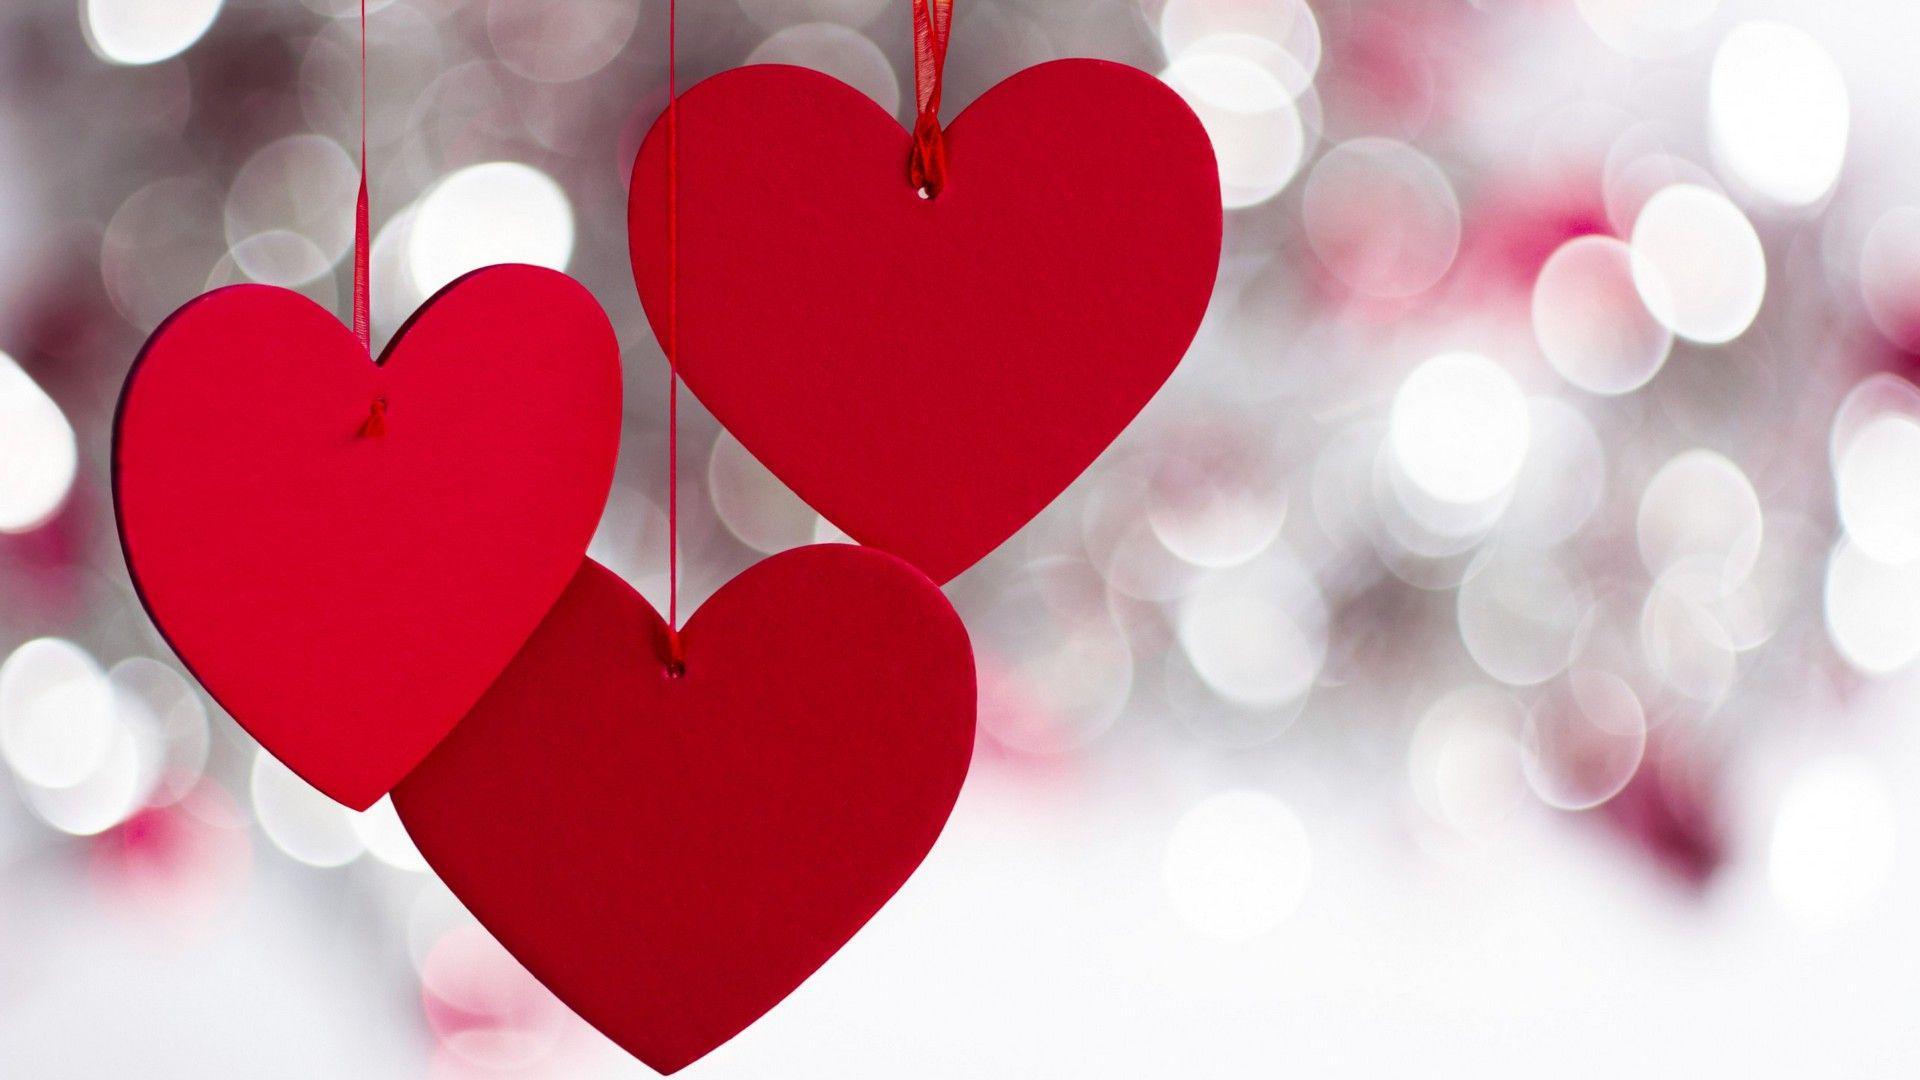 ولنتاین؛ روز ماموریت خرس قرمز از سوی غرب برای تاراج سنت اصیل ایرانی/ سرانجام روابط نامتعارف پشت در باغ سبزی مزین به قلب و رز سرخ!